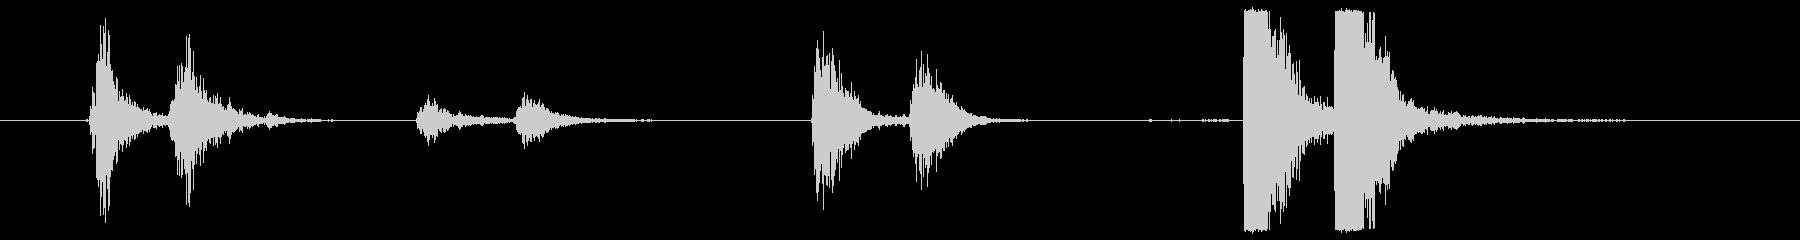 ゲートメタルの前髪と様々なヒットの未再生の波形